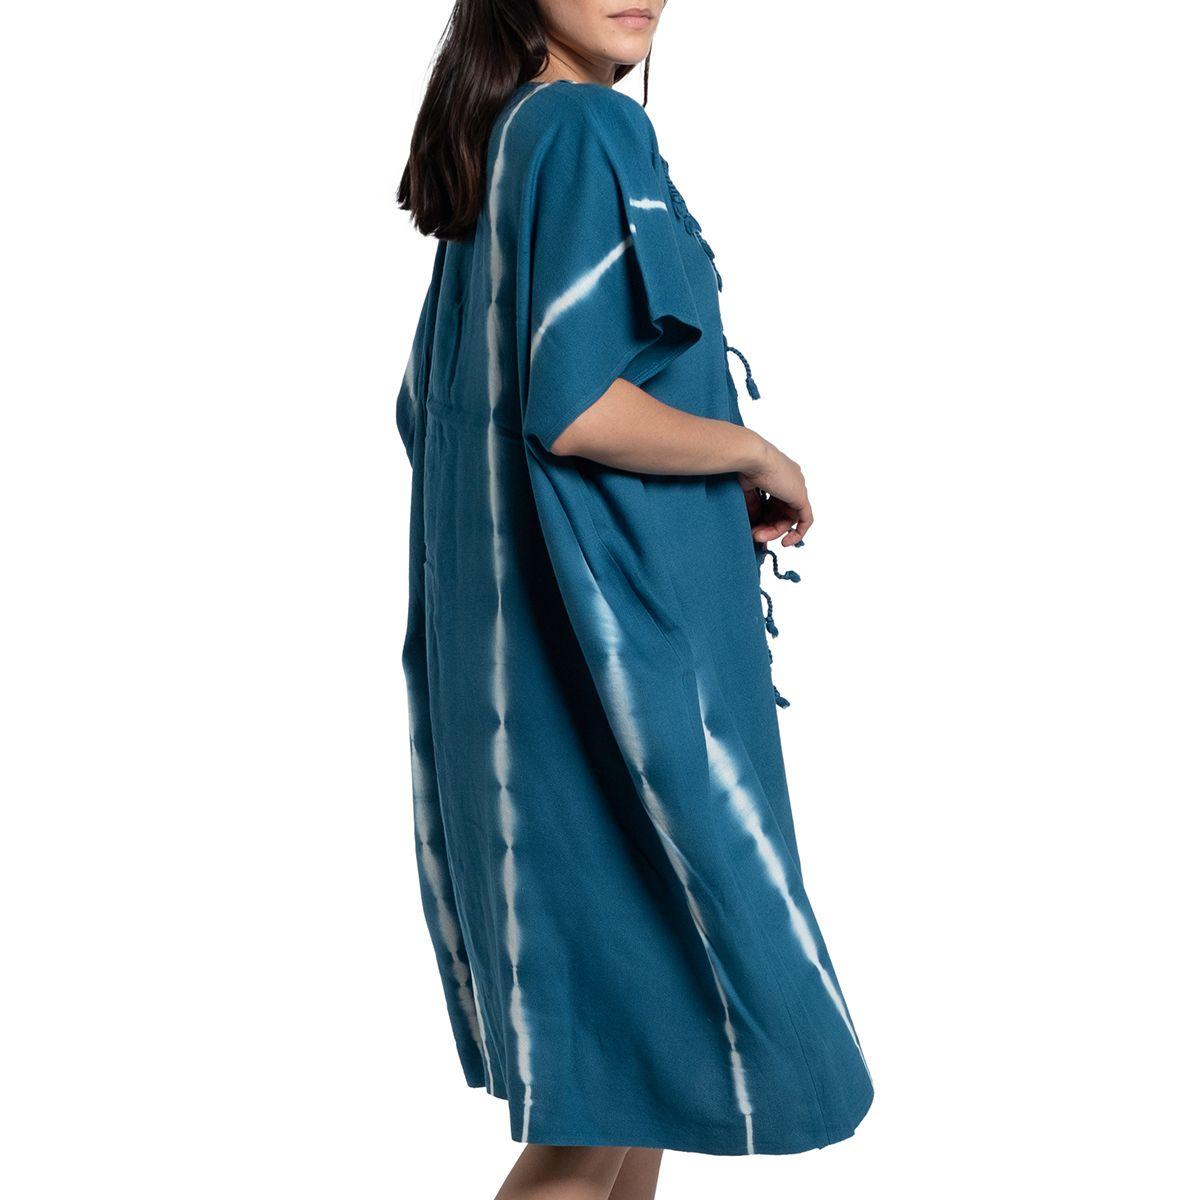 Tunik Minzi - Batik / Petrol Mavi